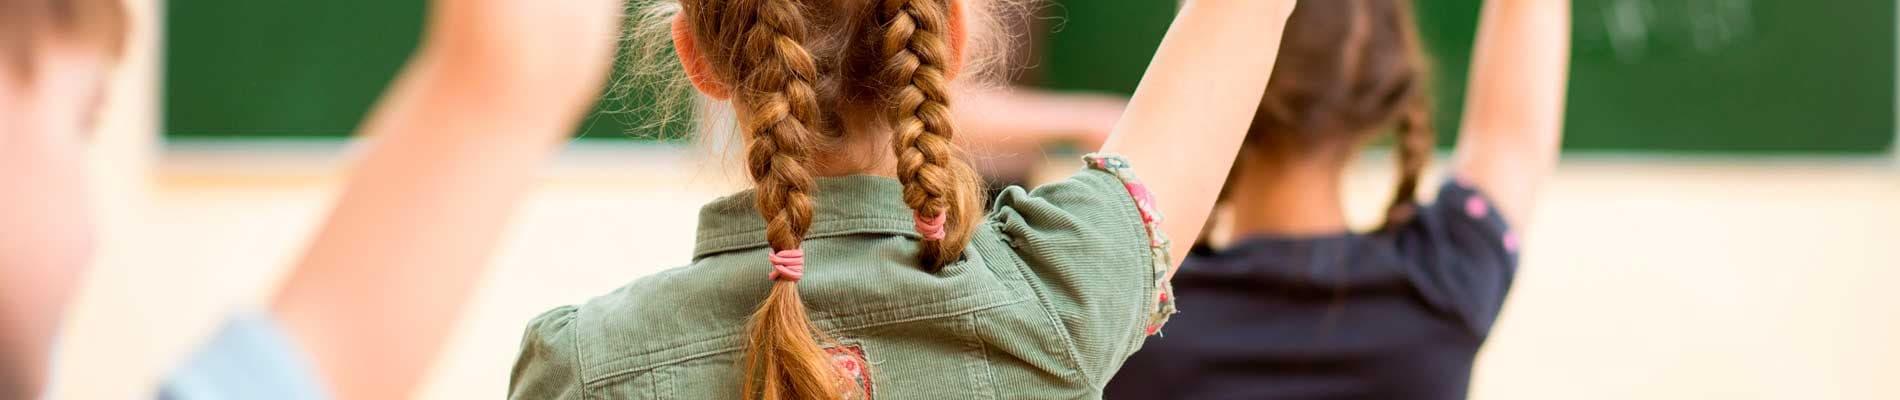 Educación preescolar, básica y media